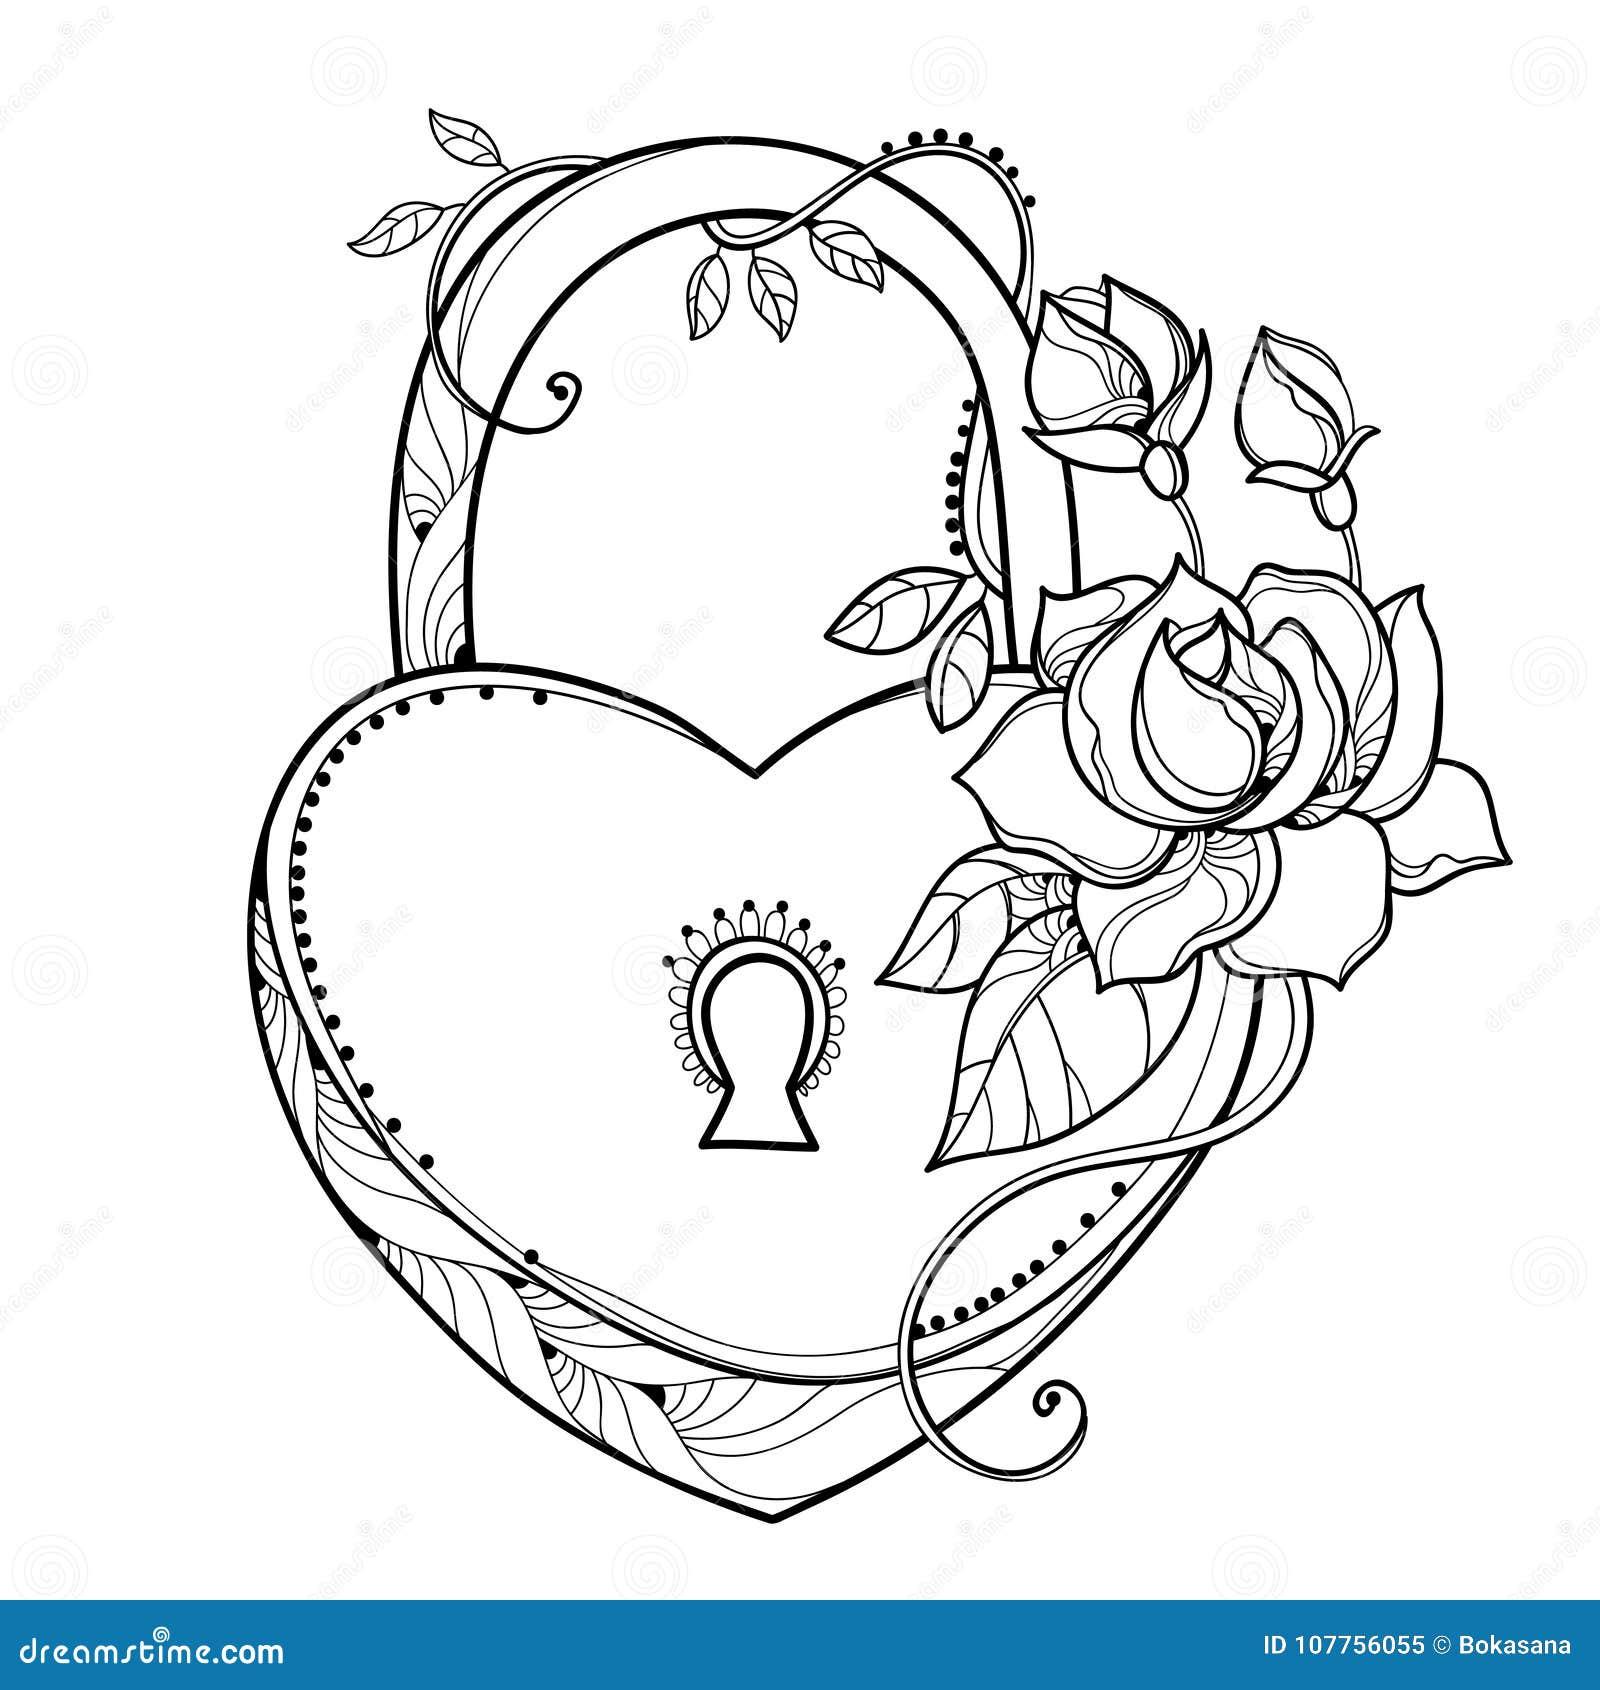 Vector El Dibujo Del Corazón De La Cerradura Con Las Rosas, La Hoja ...